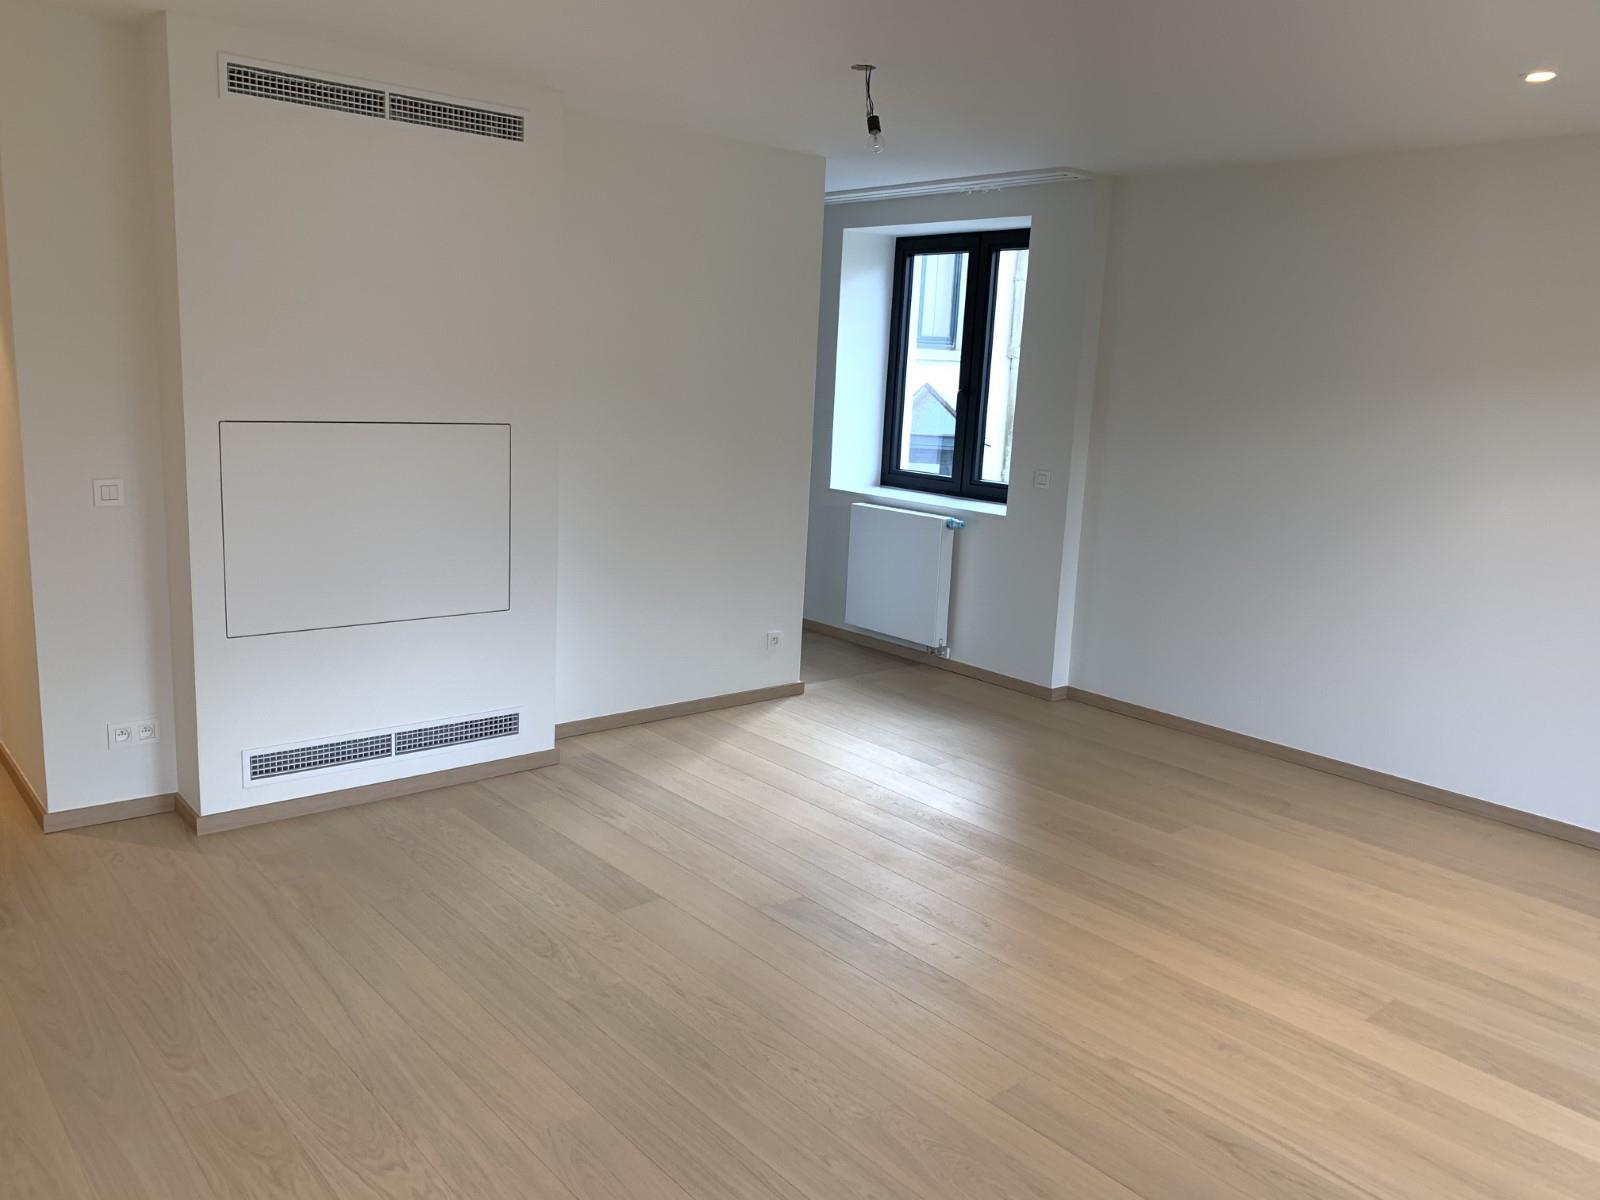 Appartement exceptionnel - Ixelles - #3915781-1